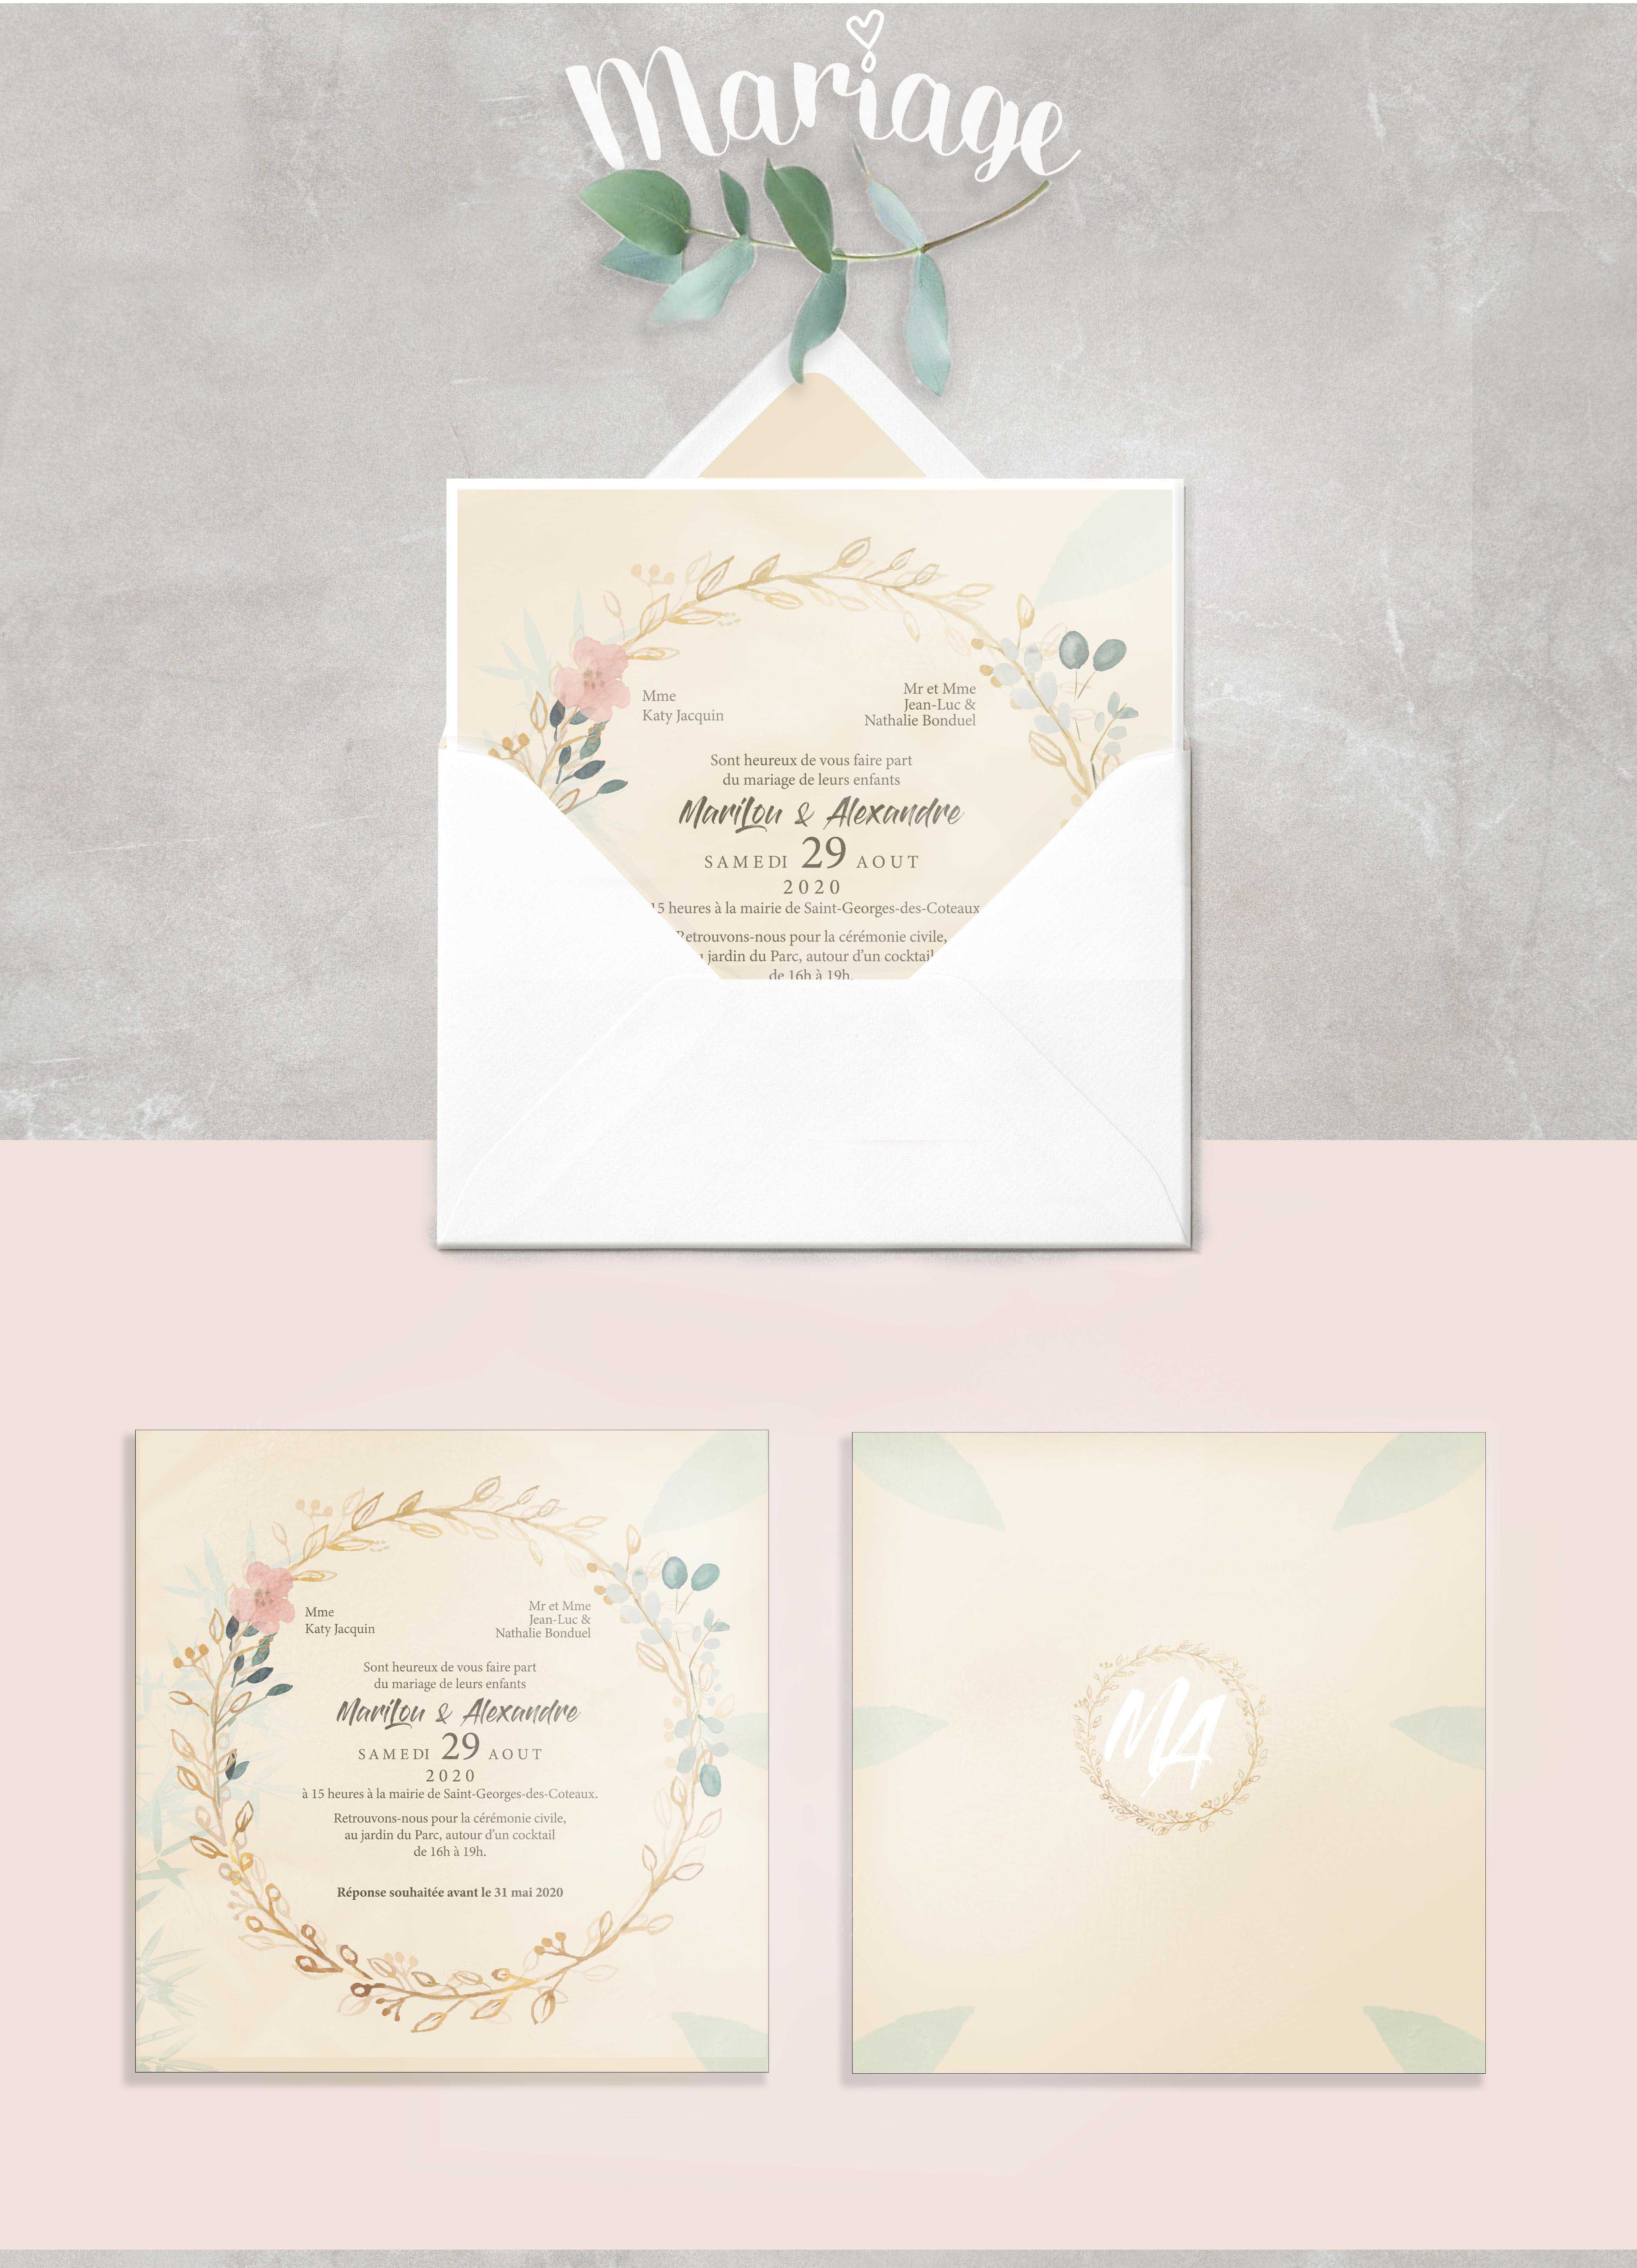 mariage-enveloppe-conception-design-prin